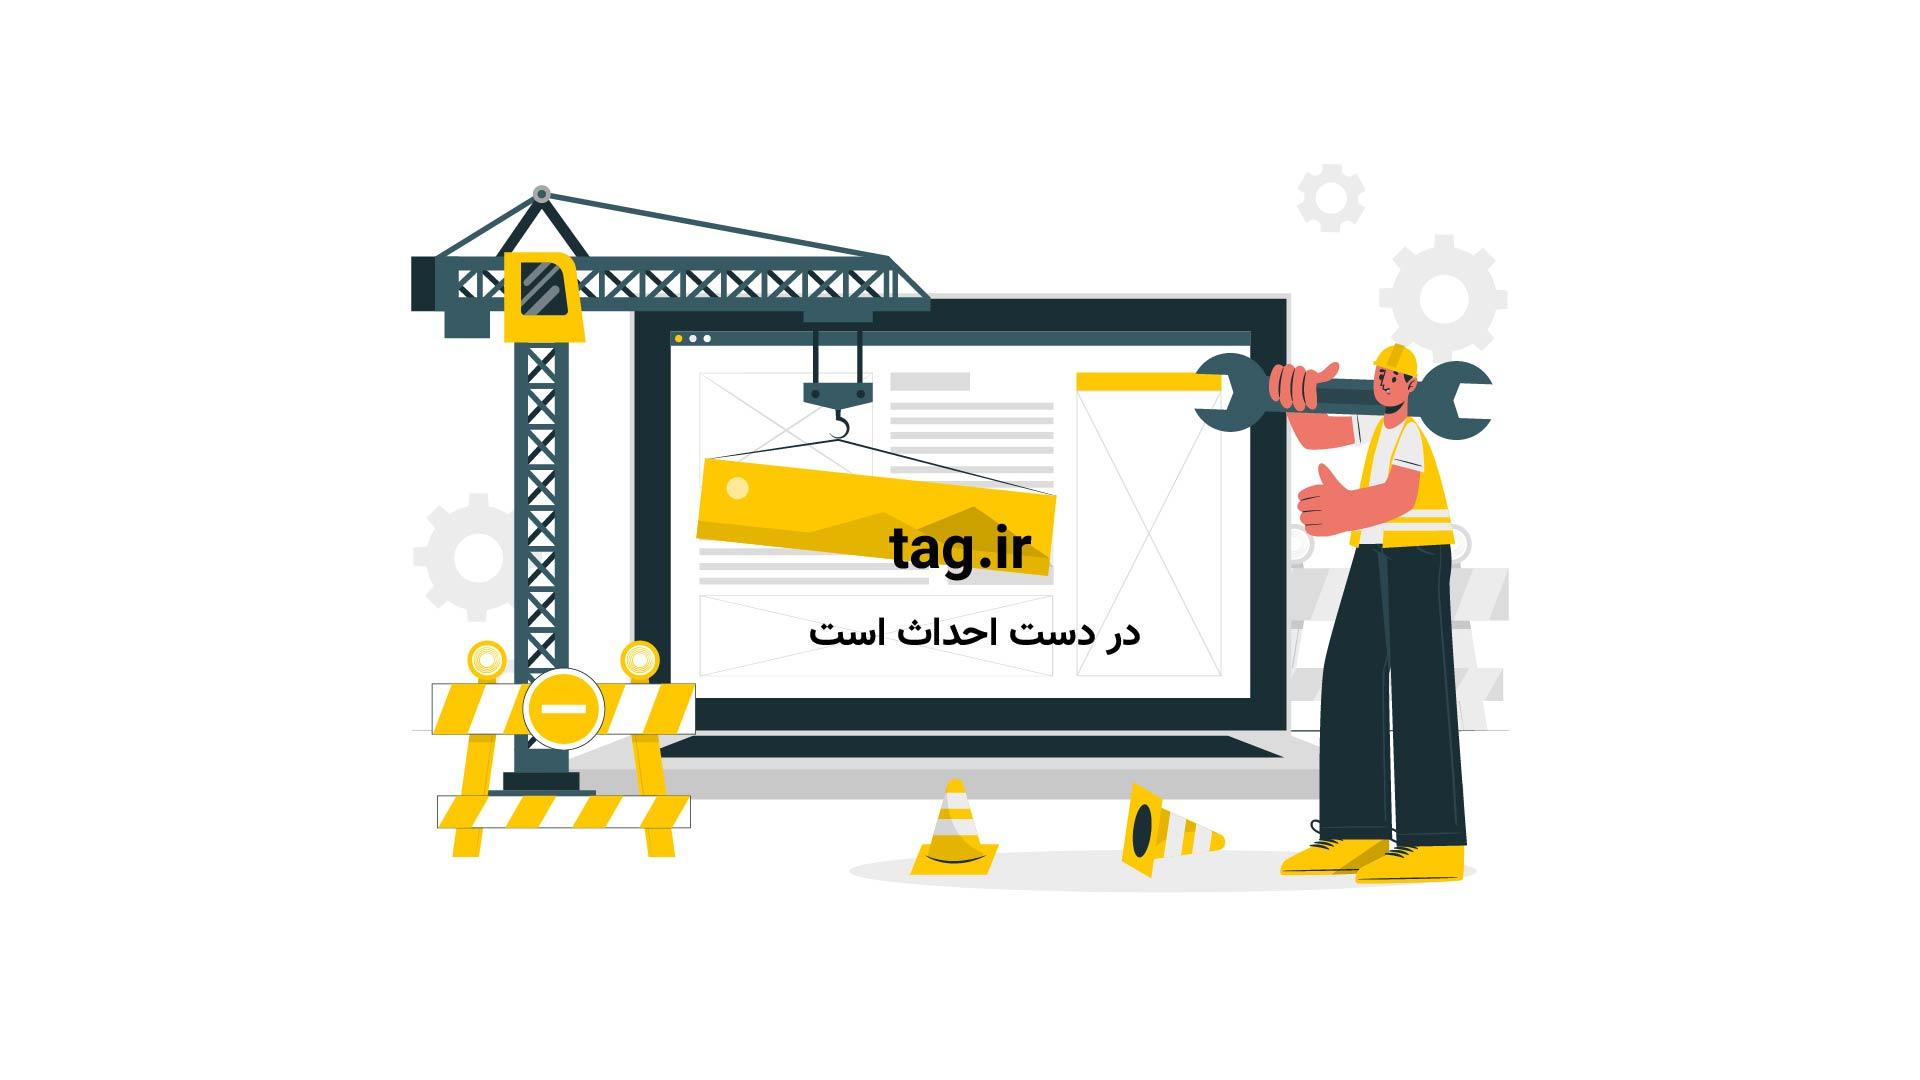 انیمیشن لاورا | تگ